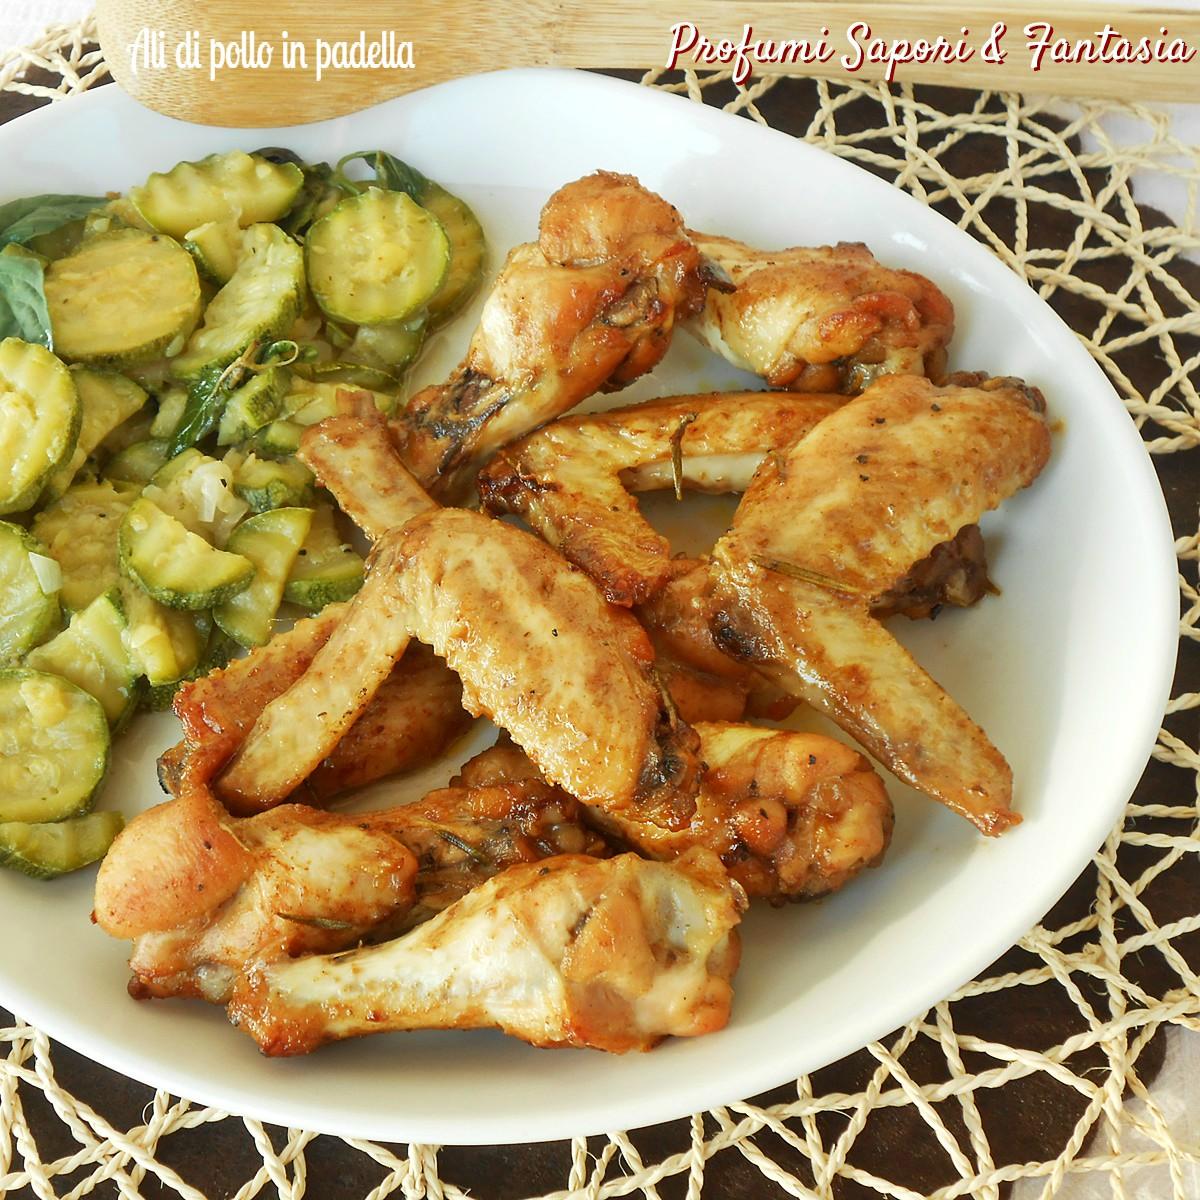 Ali di pollo arrosto in padella